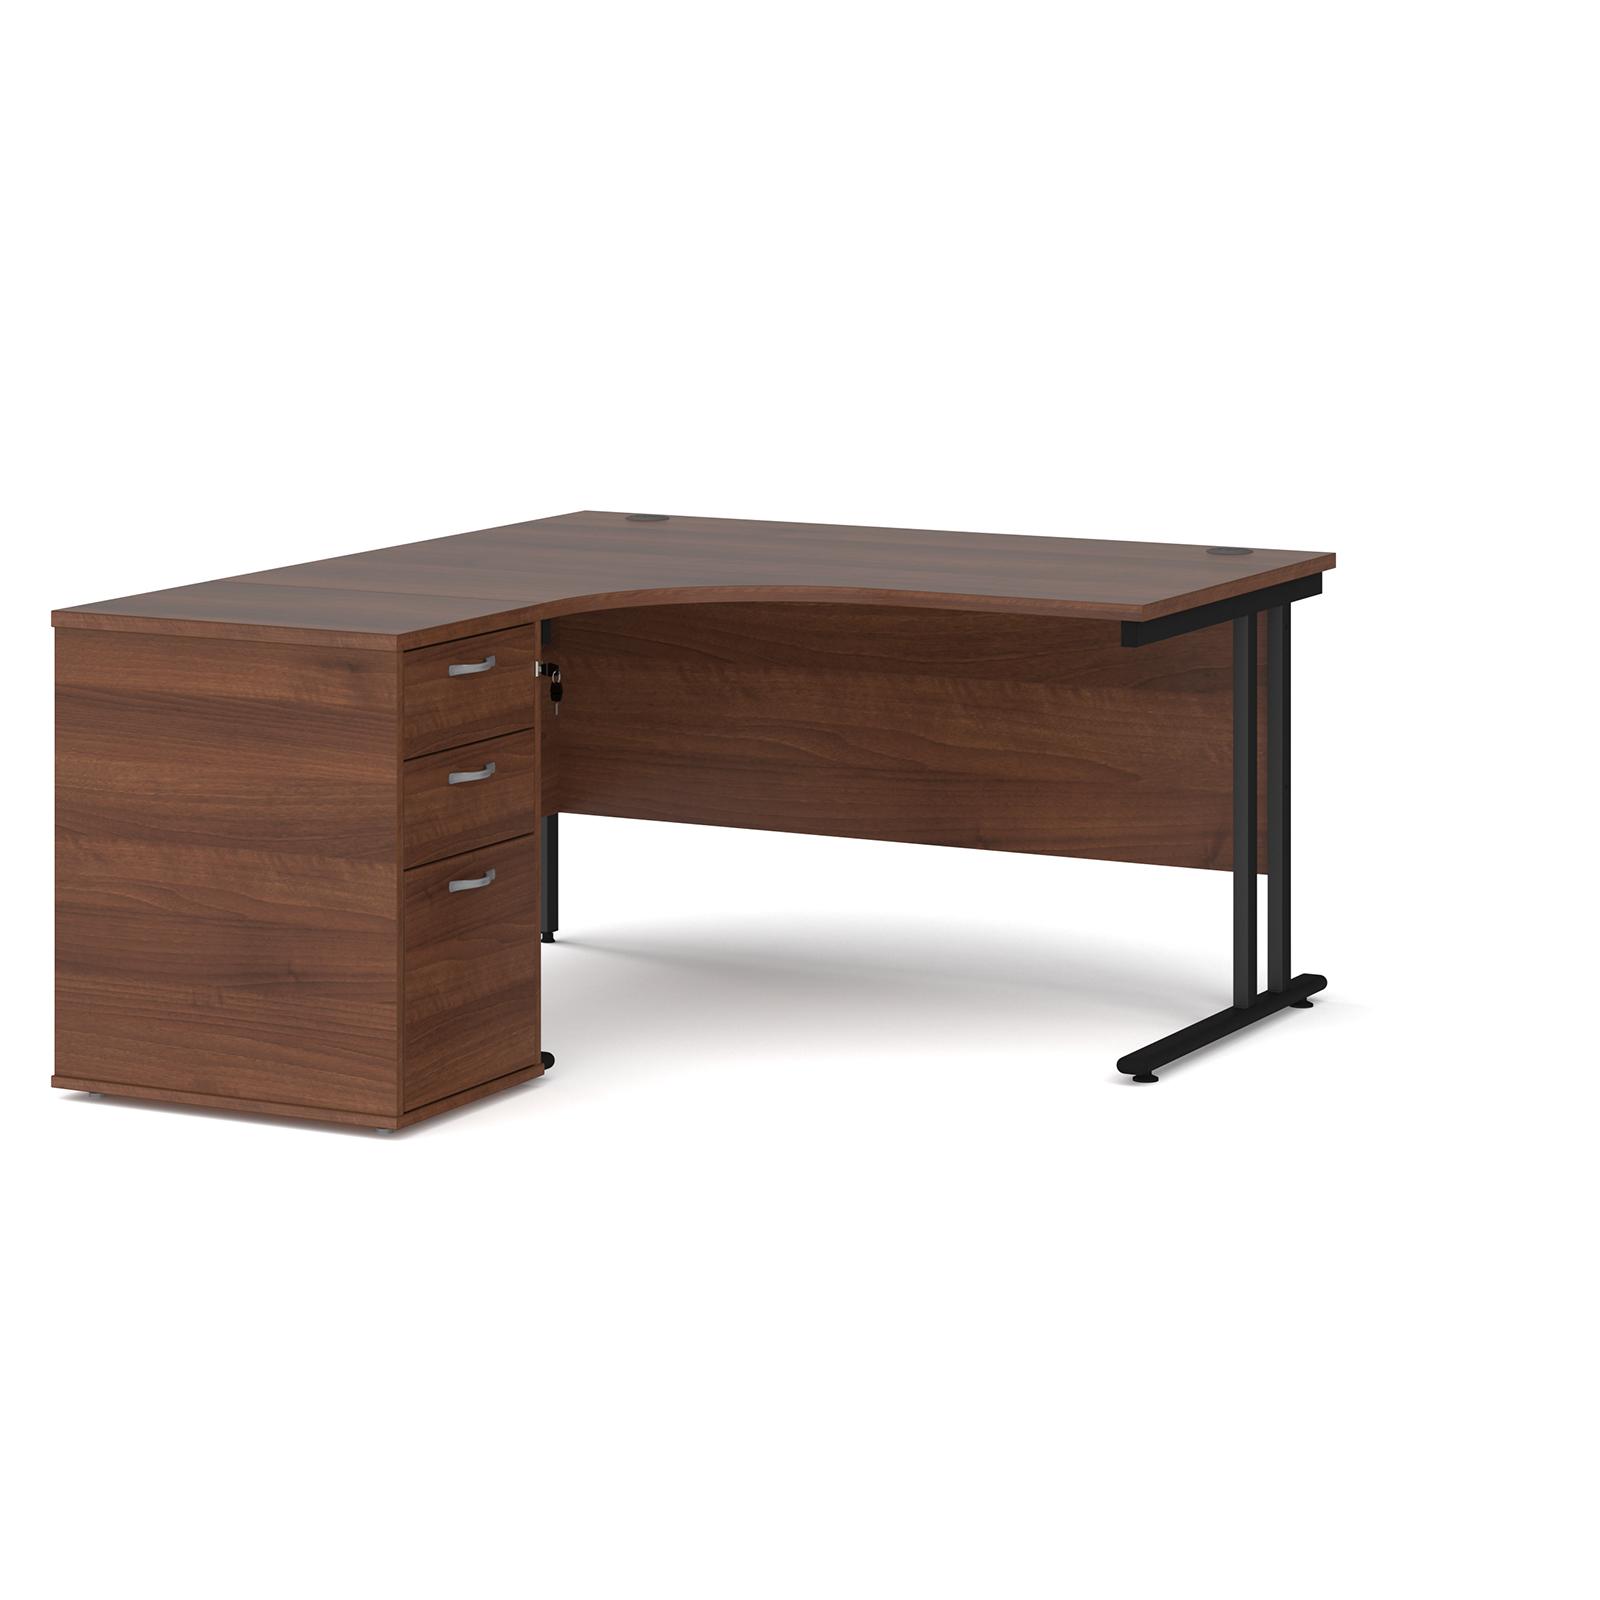 Maestro 25 left hand ergonomic desk 1400mm with black cantilever frame and desk high pedestal - walnut